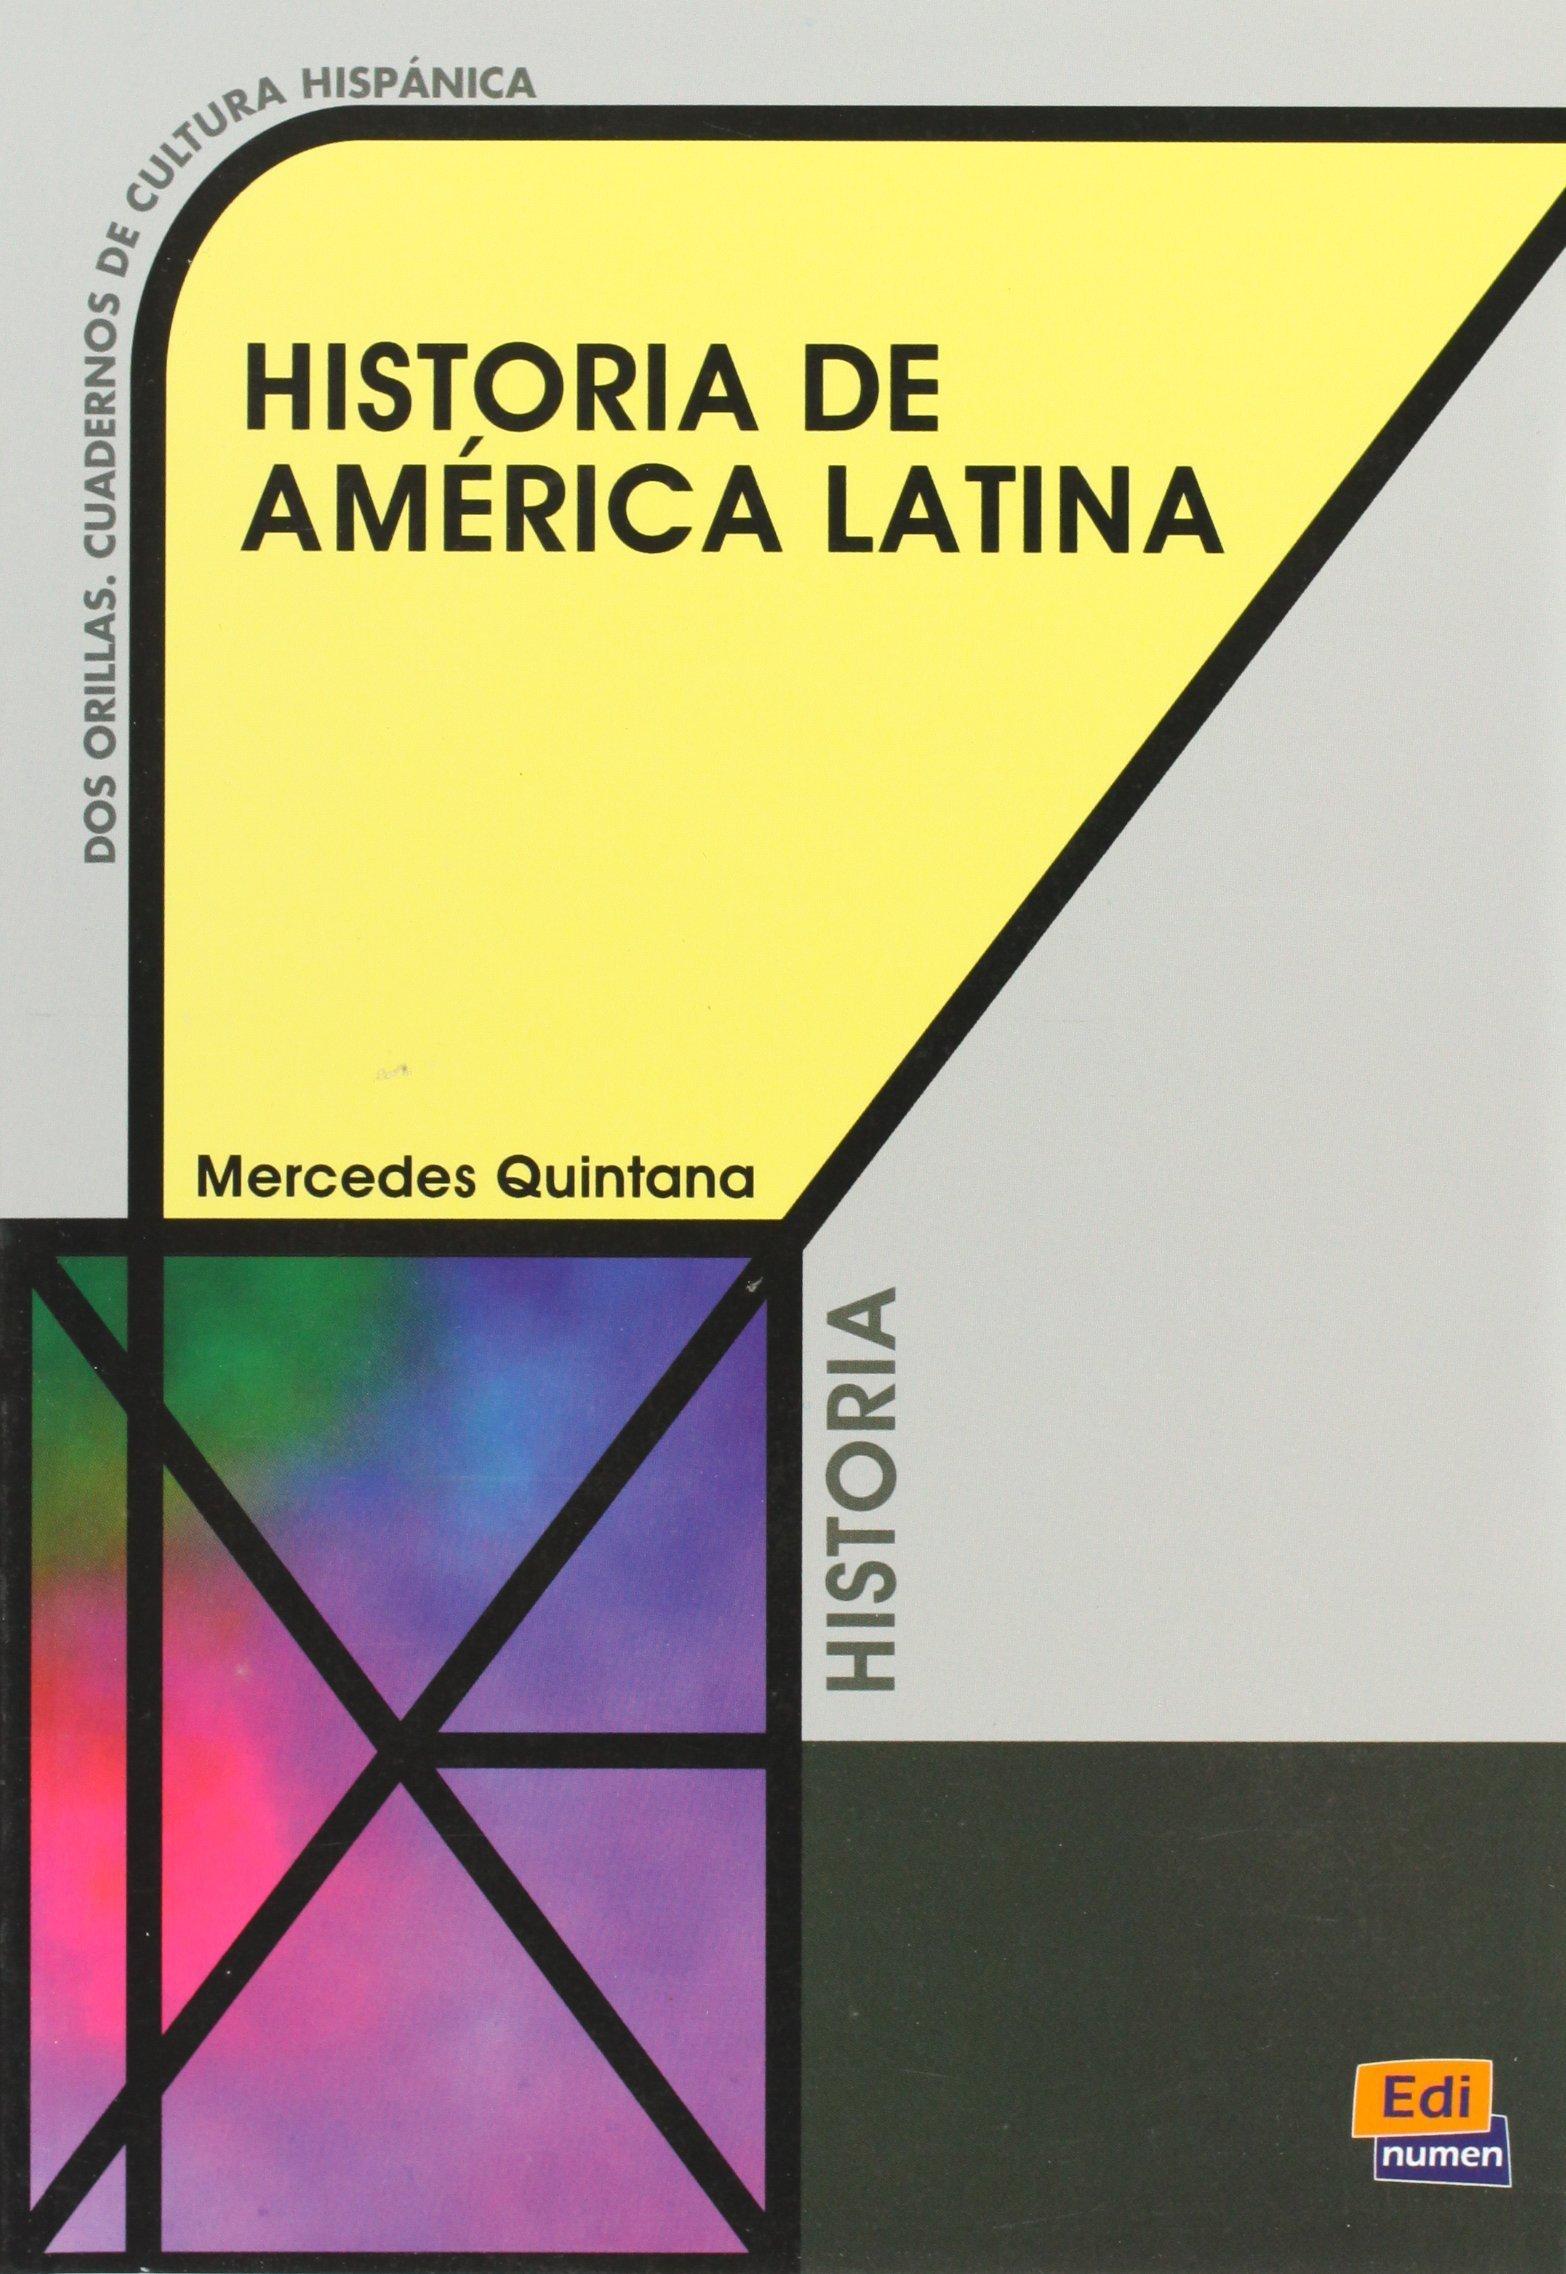 Historia de América latina (Cultura y civilización): Amazon.es: Quintana, Mercedes: Libros